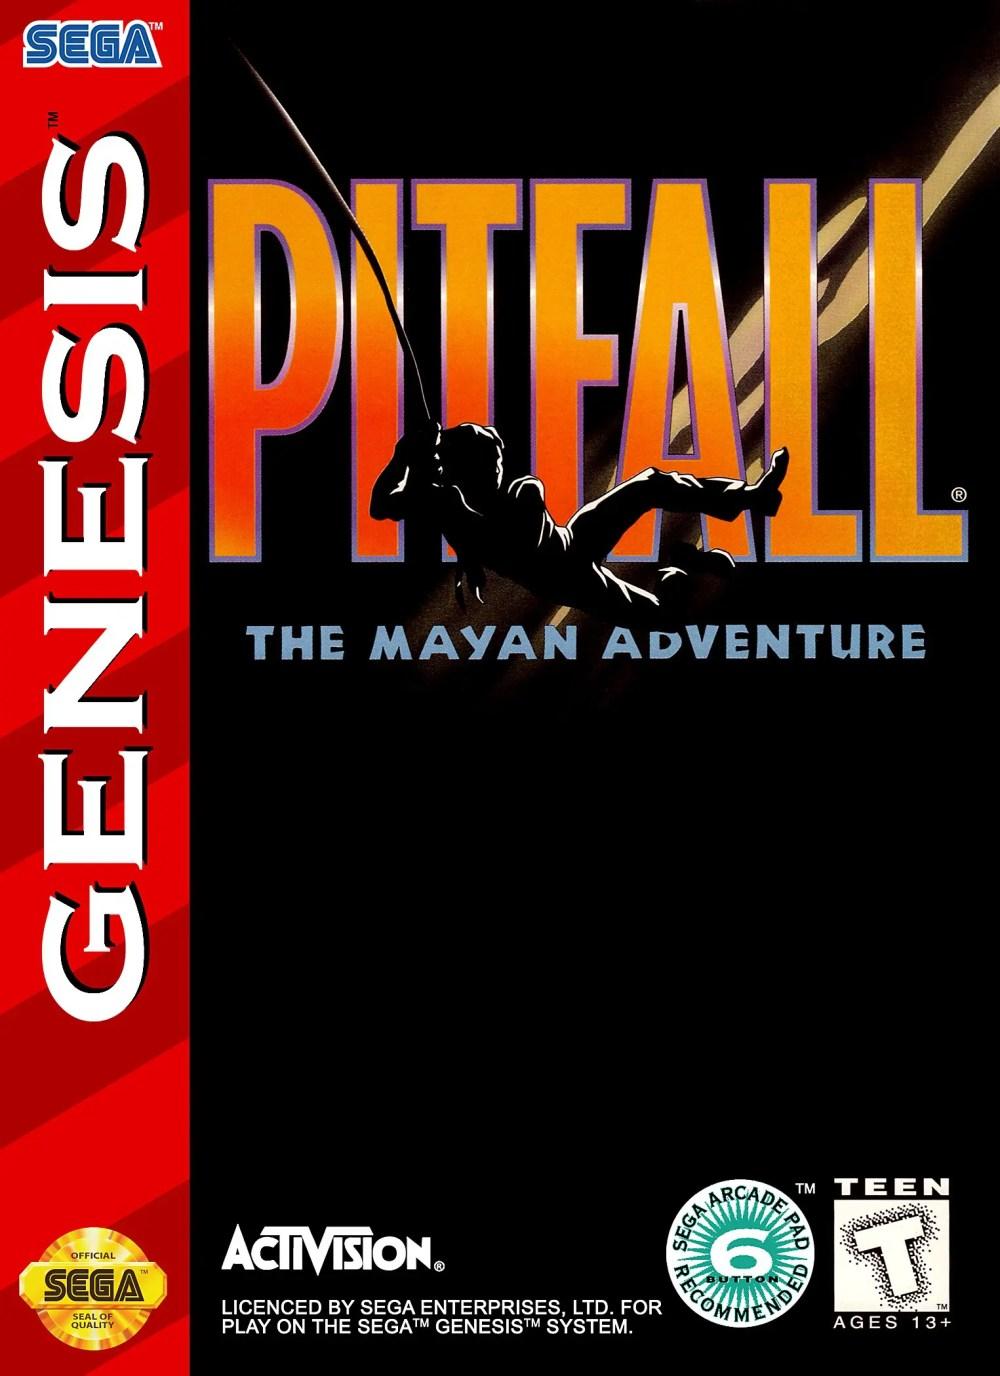 Pitfall: The Mayan Adventure for Sega Genesis